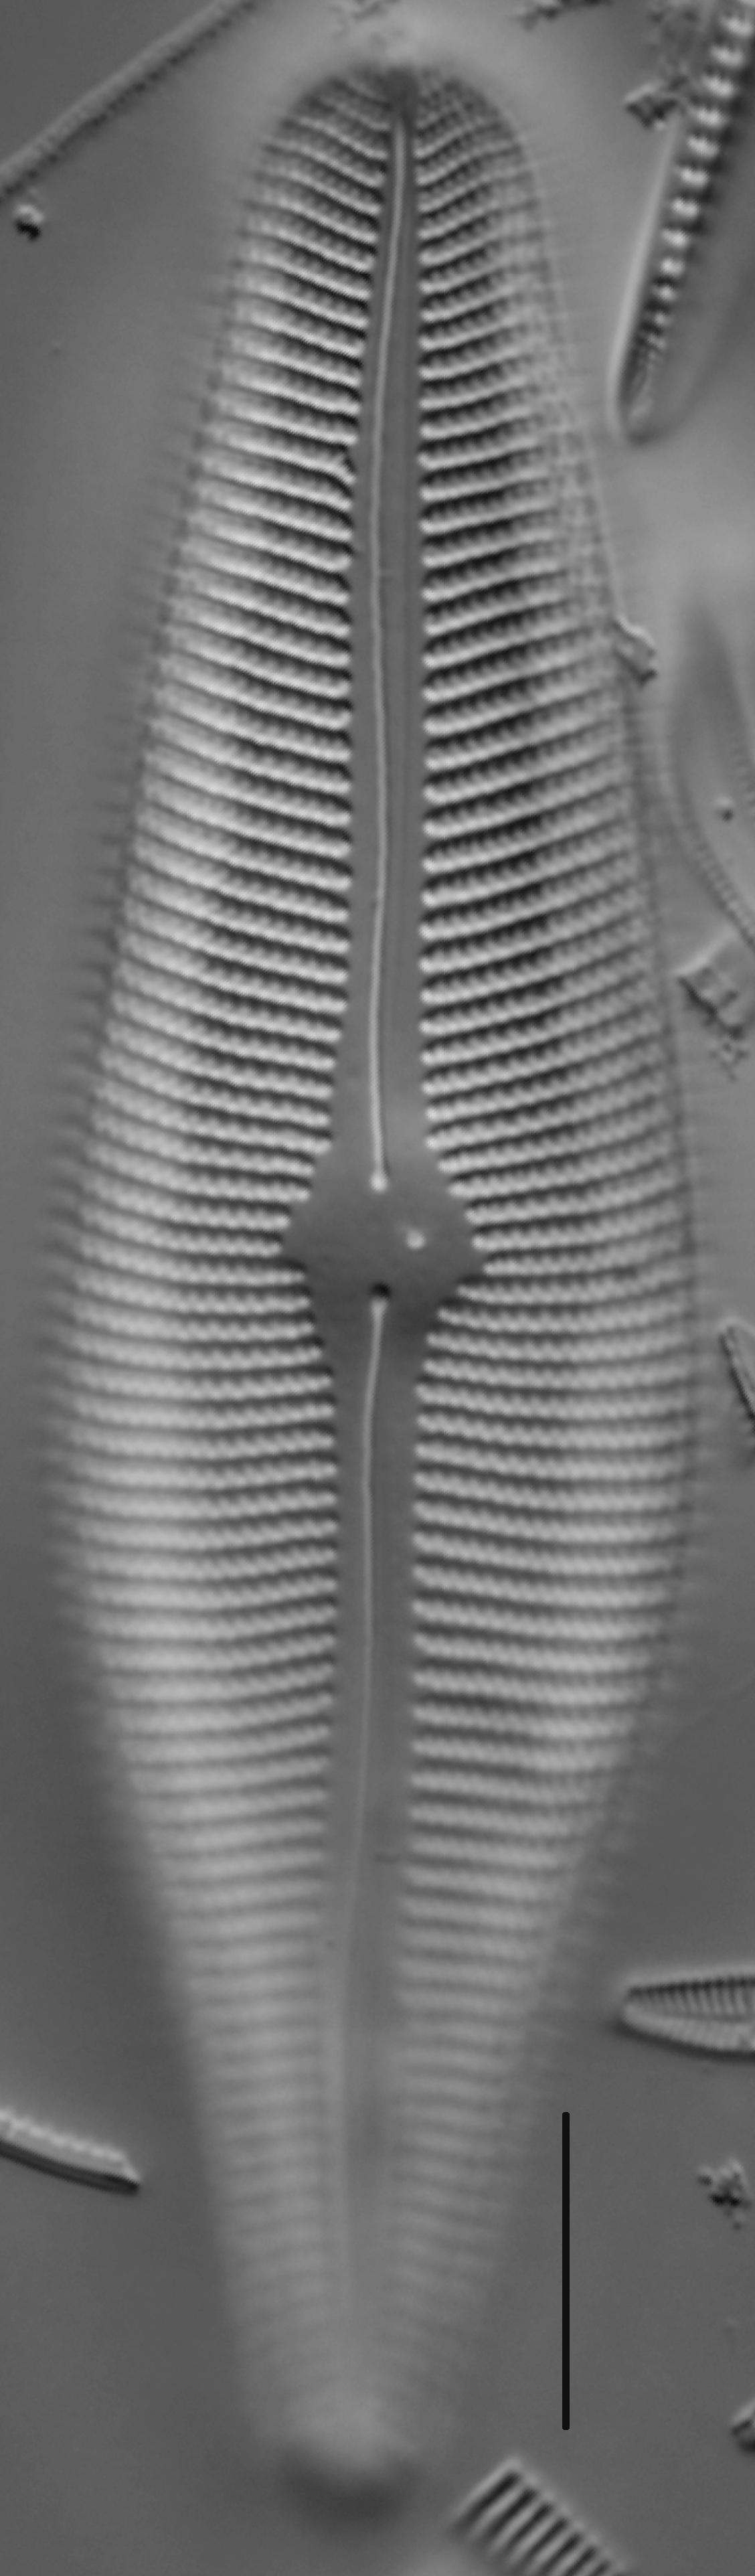 Gomphoneis herculeana var. lowei LM4